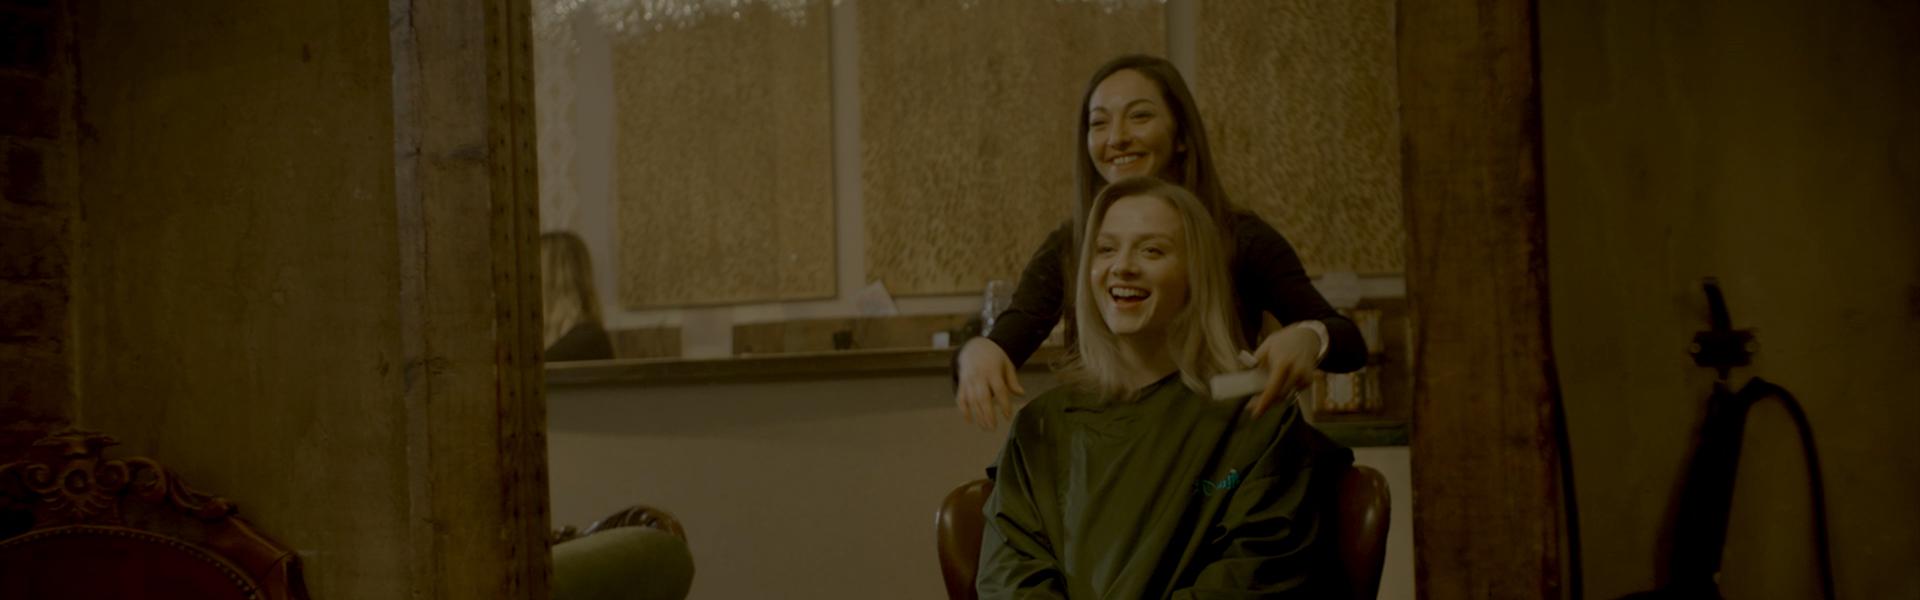 Två kvinnor i en frisörsalong